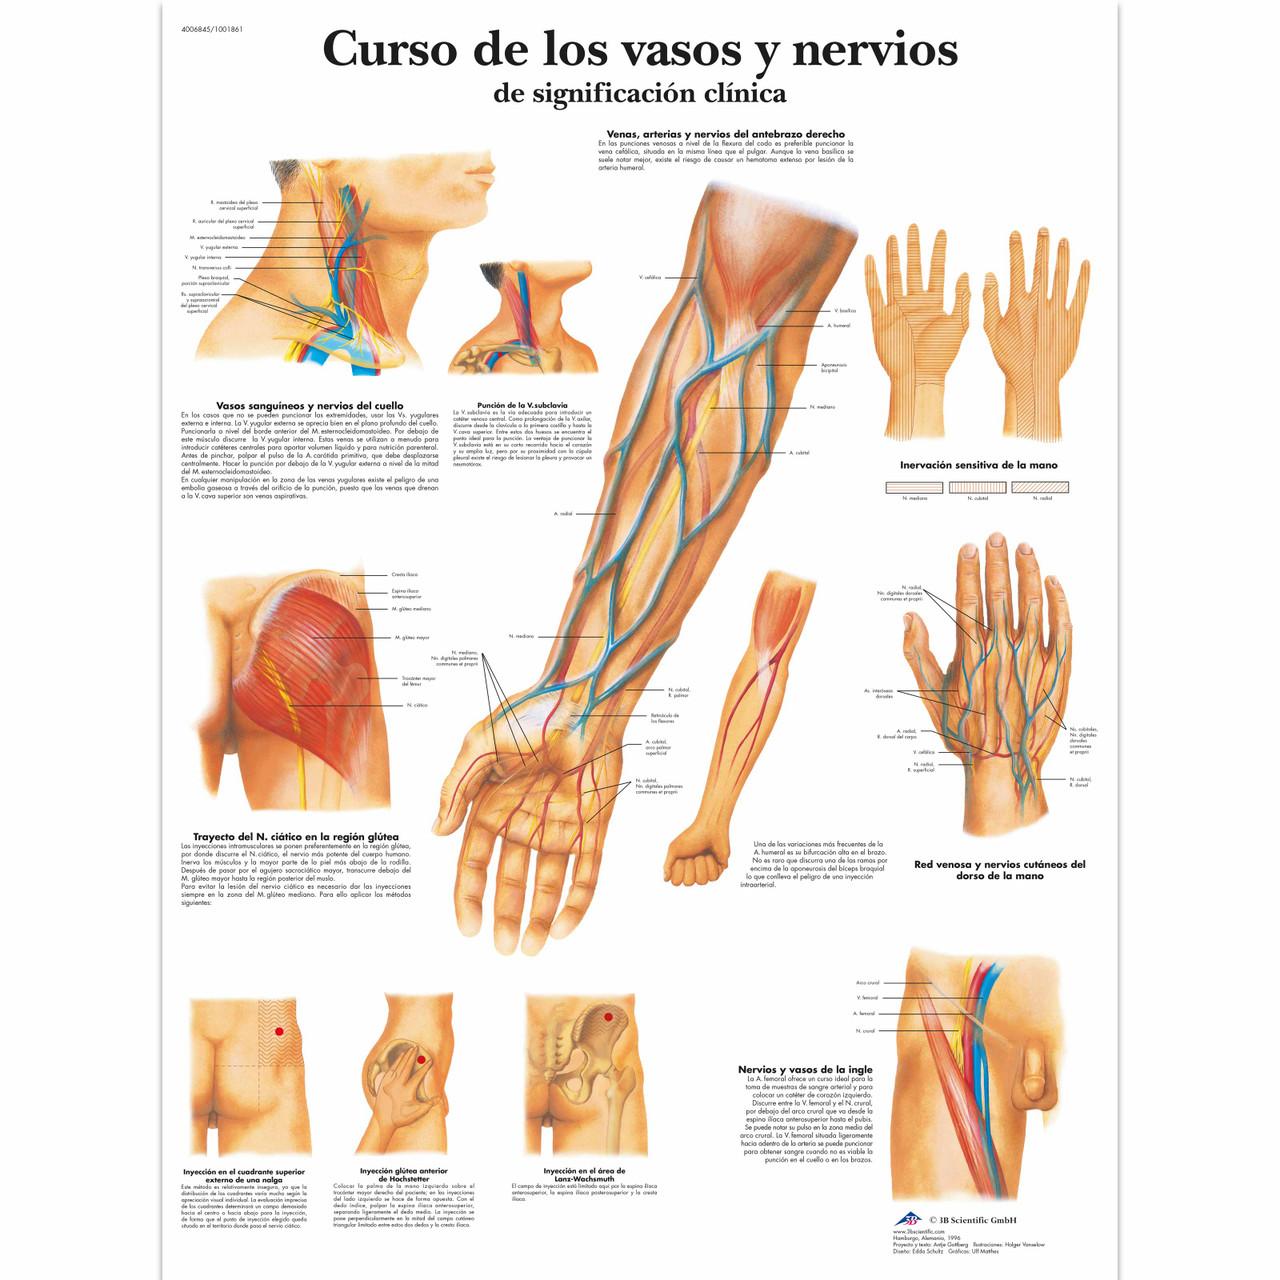 Curso de los vasos y nervios de significación